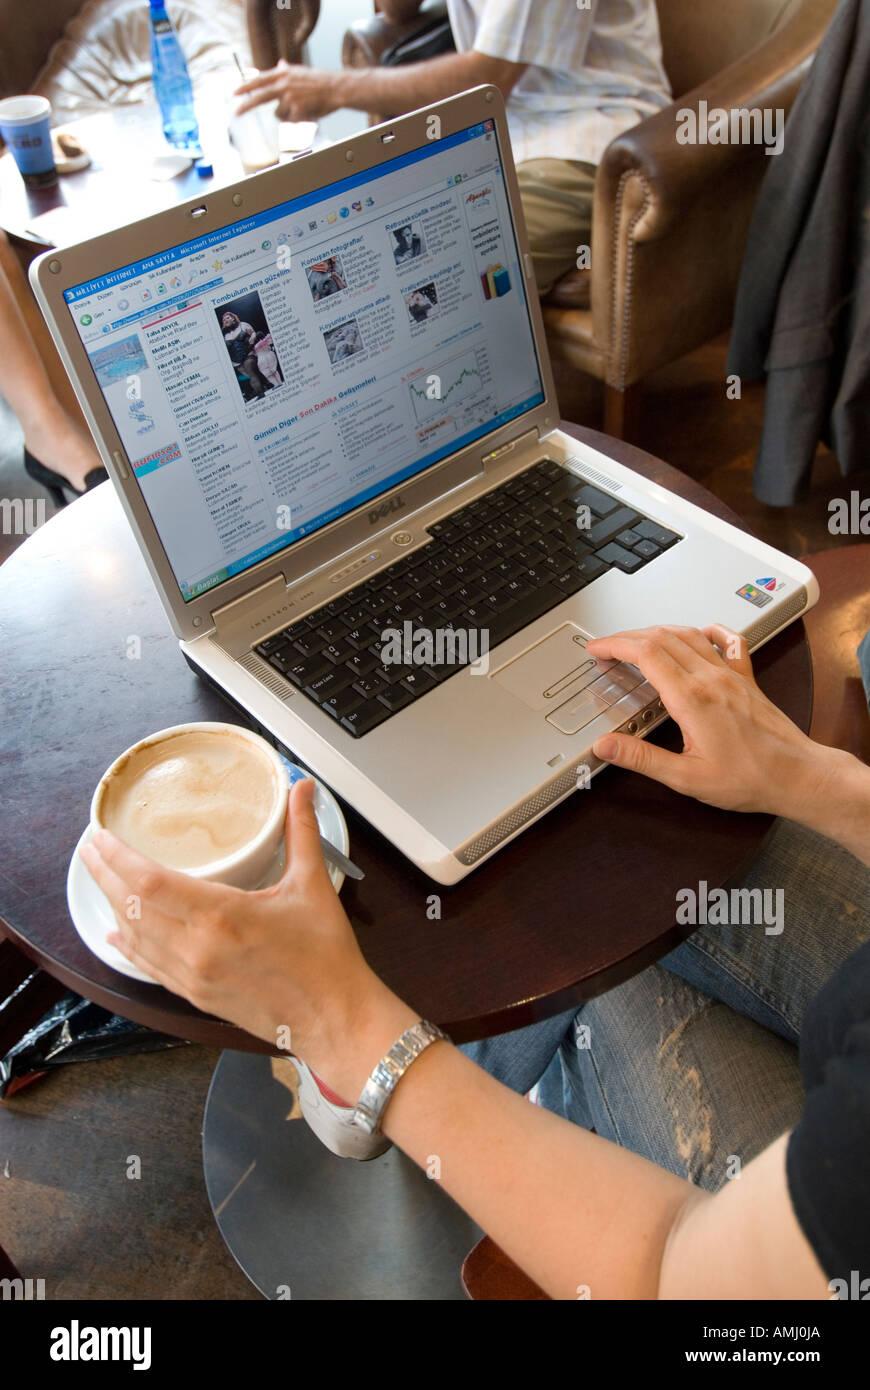 Junge Frau im Internet surfen bei einem Laptop in einem Cafe, England Großbritannien Stockbild